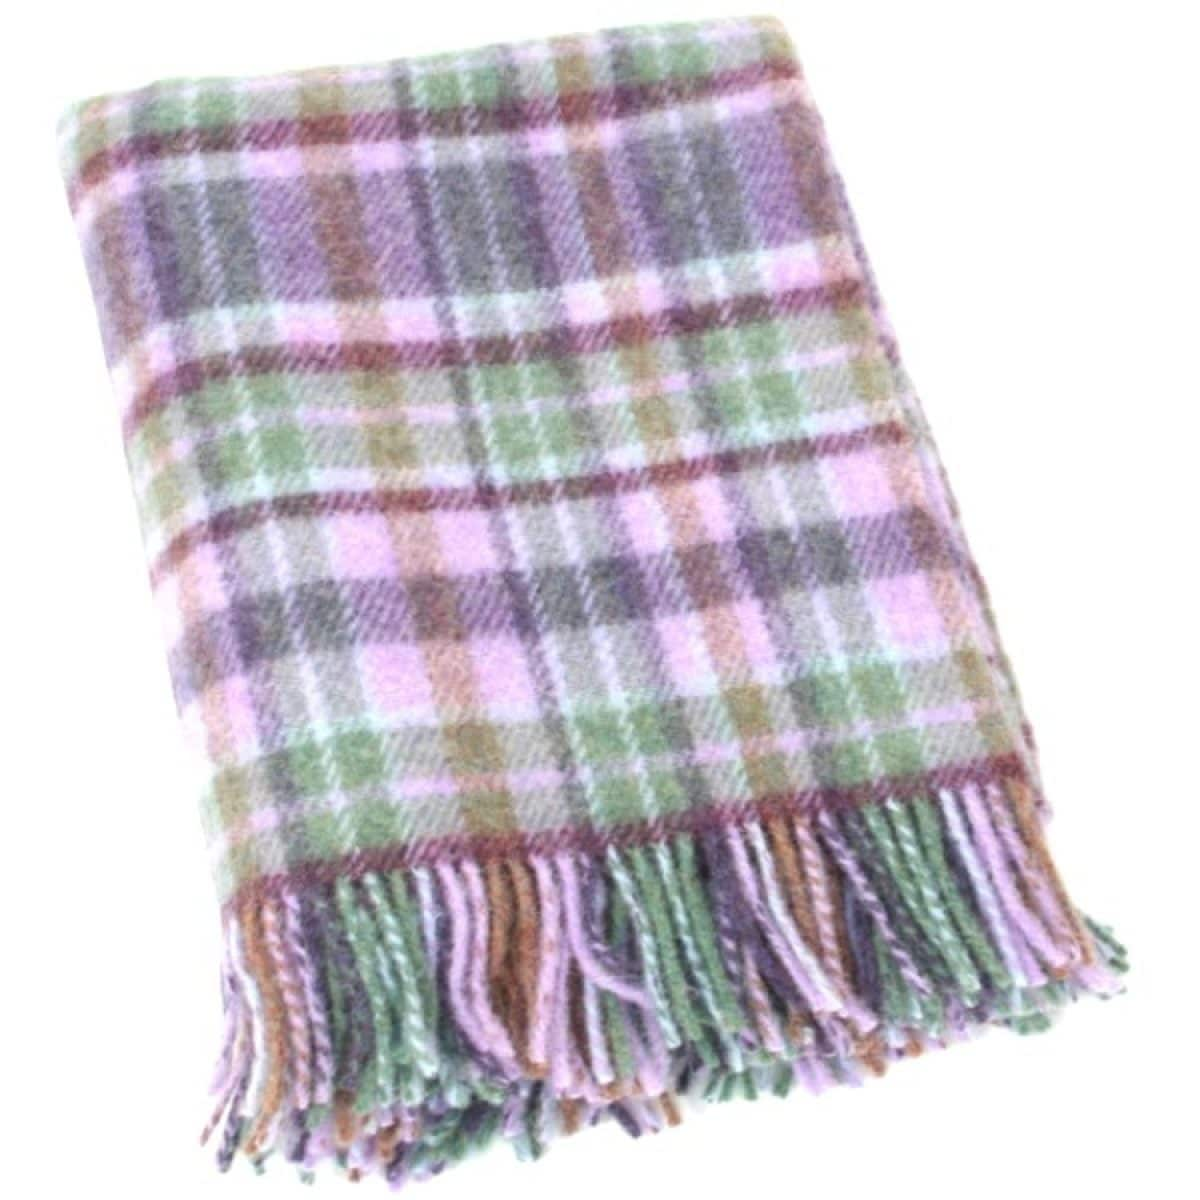 Wool Blanket - Lilac